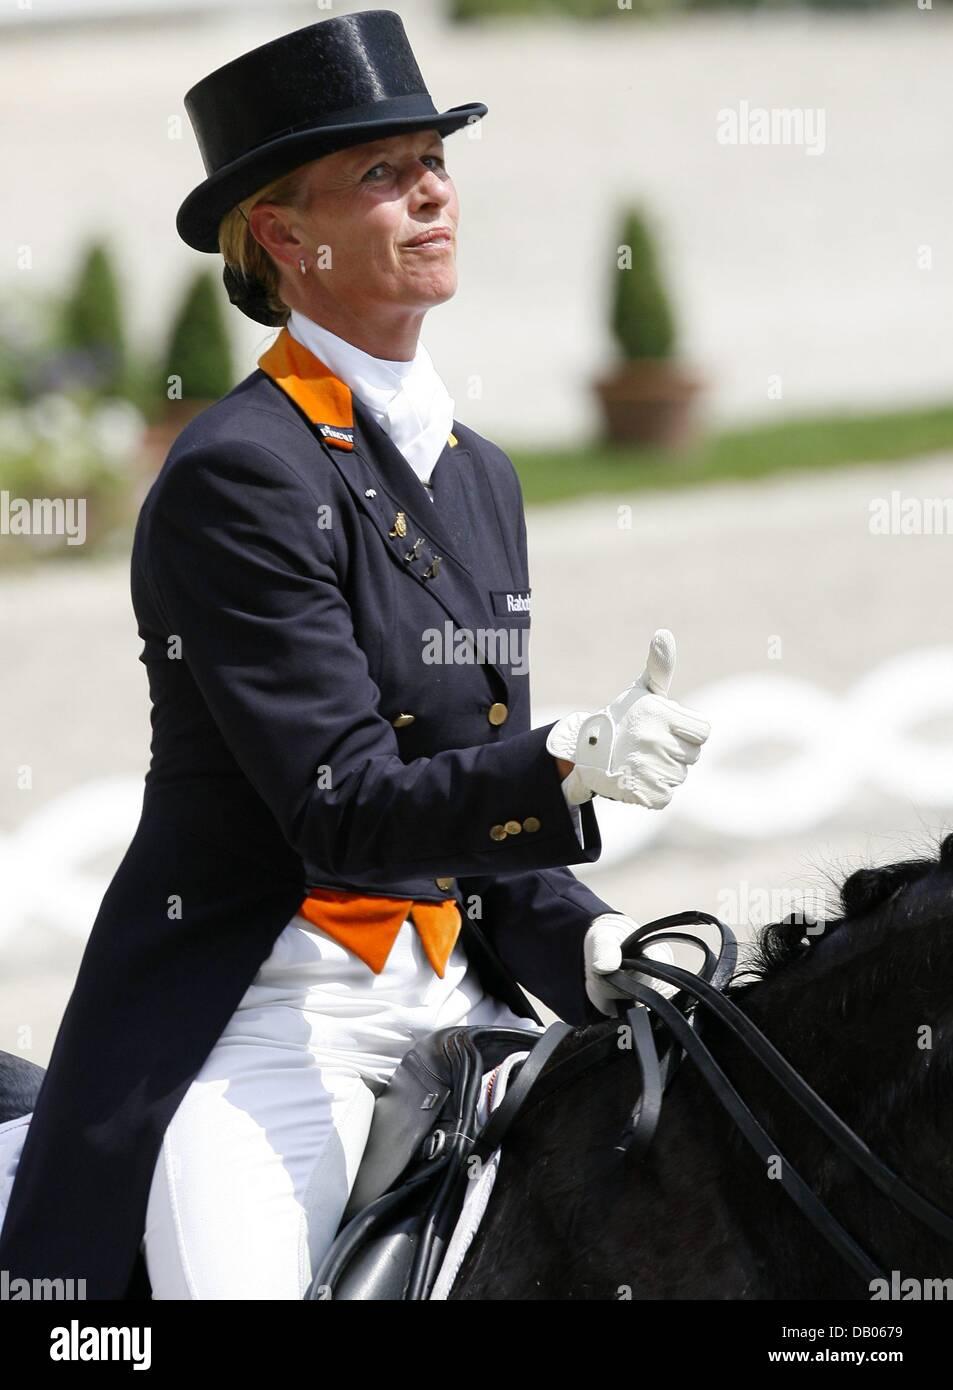 Dutch Dressage Rider Anky Van Grunsven On Her Horse